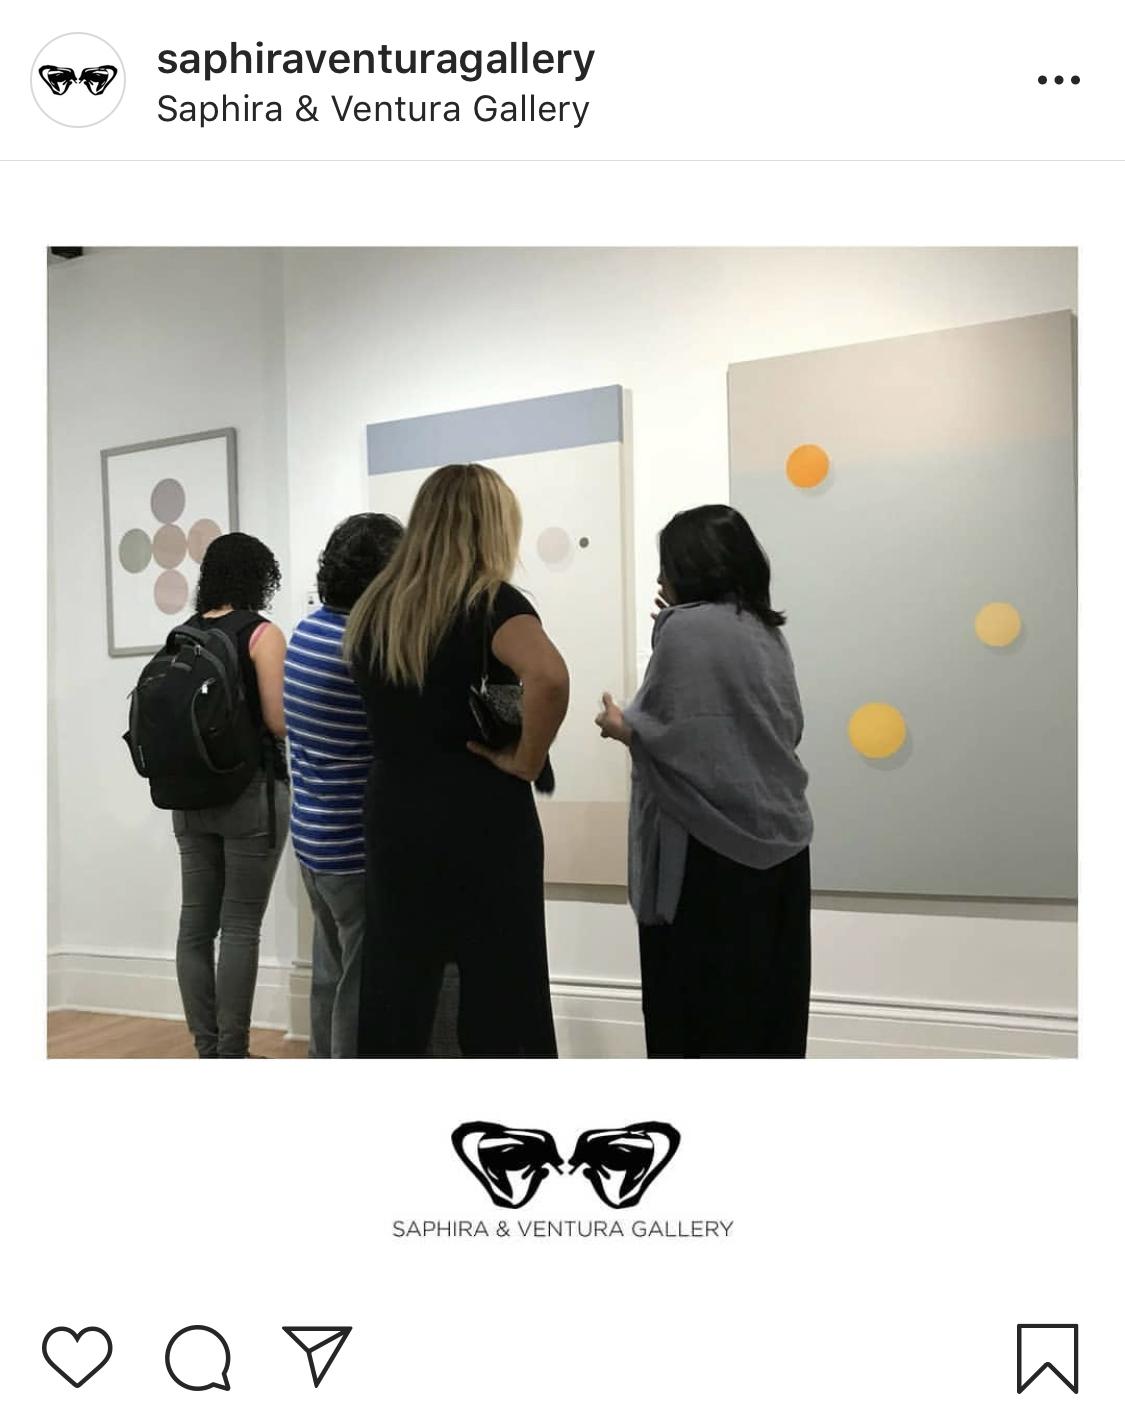 Saphira & Ventura Gallery   June 18, 2018